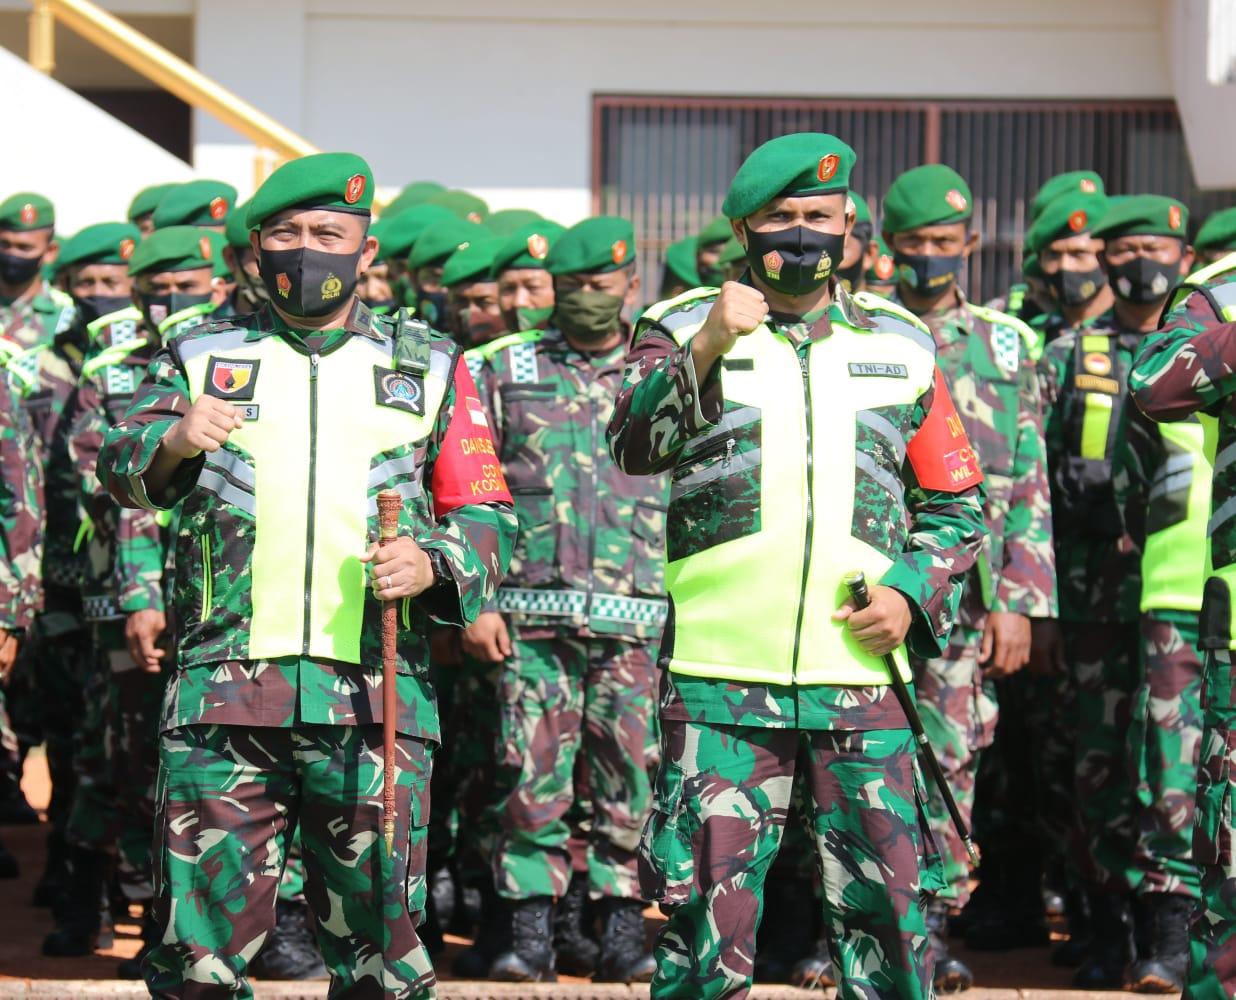 Dandim Ngawi, Jajaran Kodim Ngawi Akan Selalu Dukung Penuh Pemerintah Dalam Penanganan Covid 19